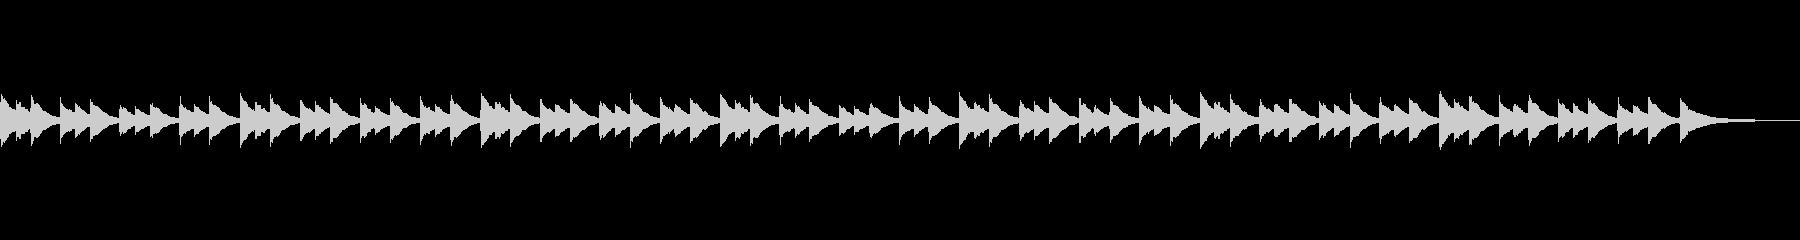 古びたオルゴール③の未再生の波形